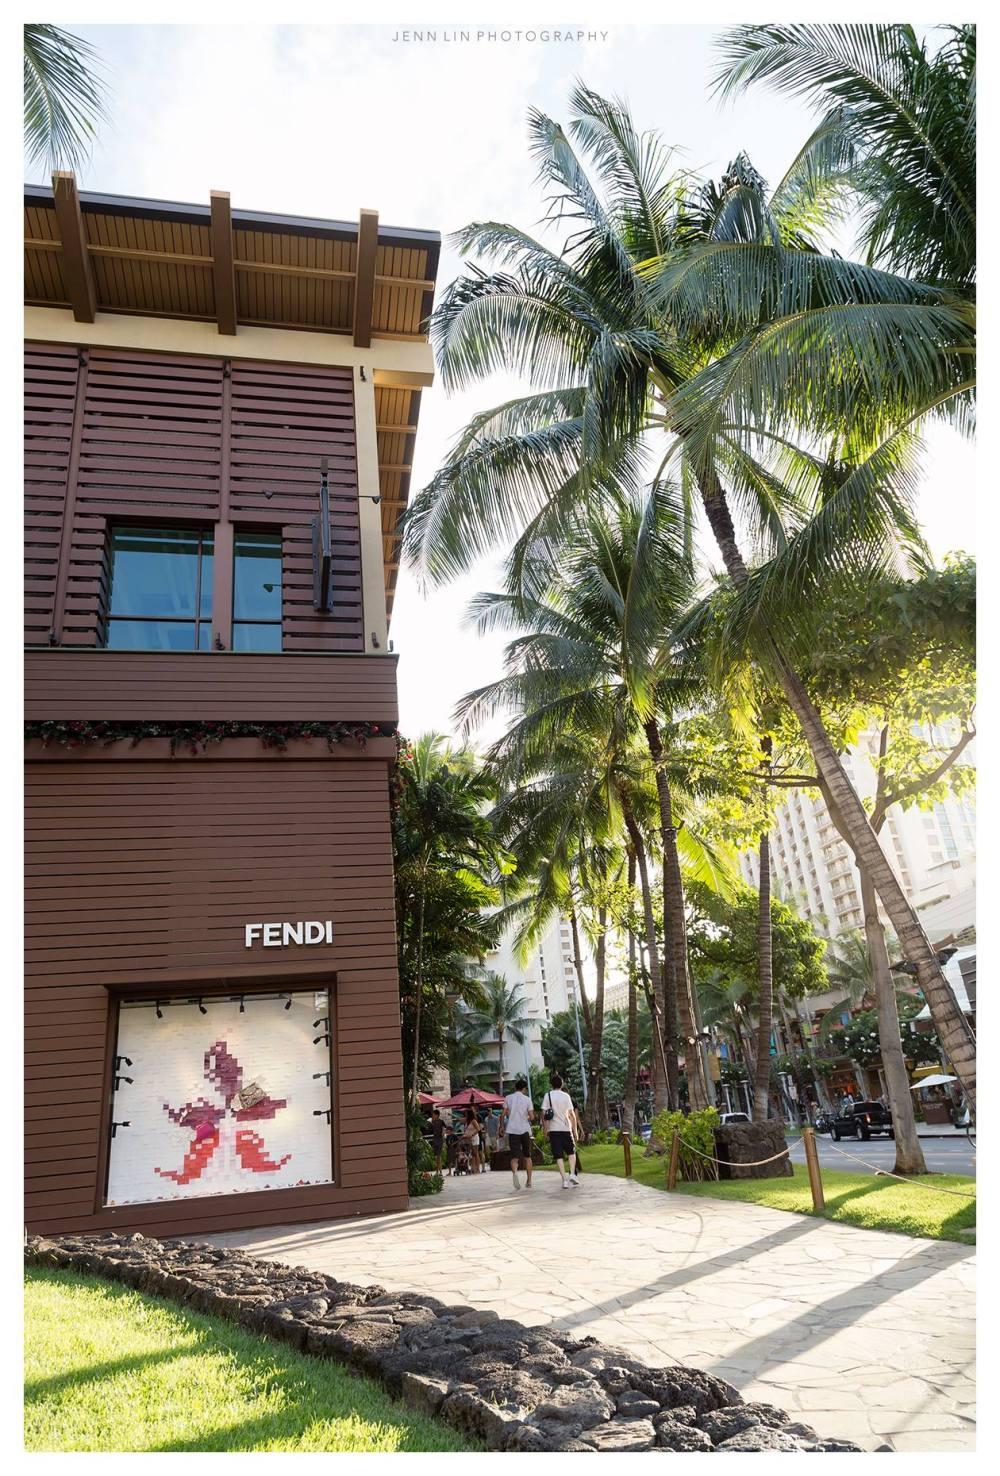 Fendi Store in Waikiki © 2015 Jenn Lin